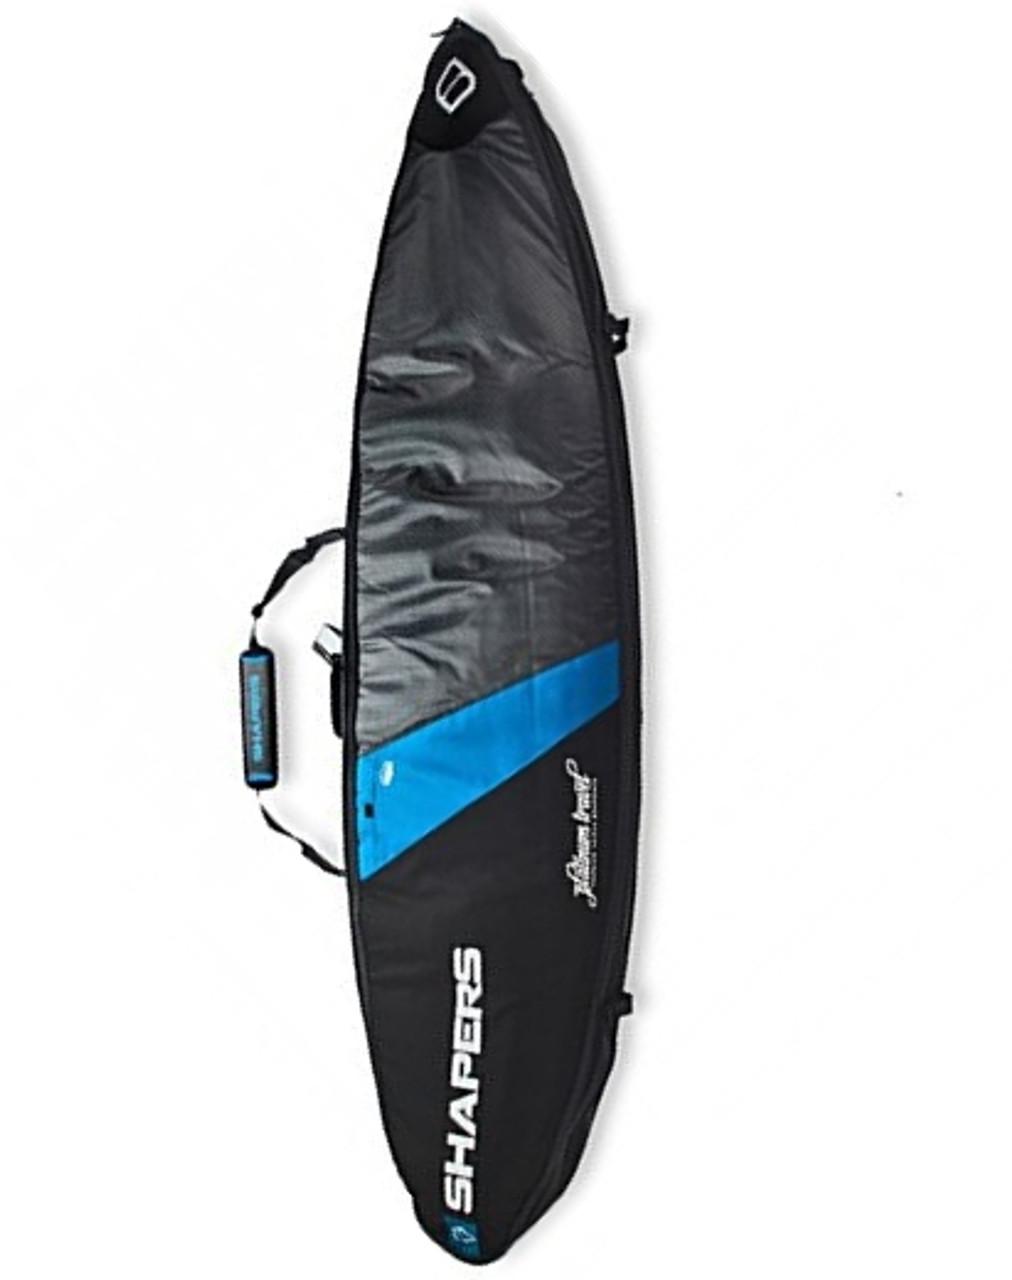 shapers 3 shortboard travel bag